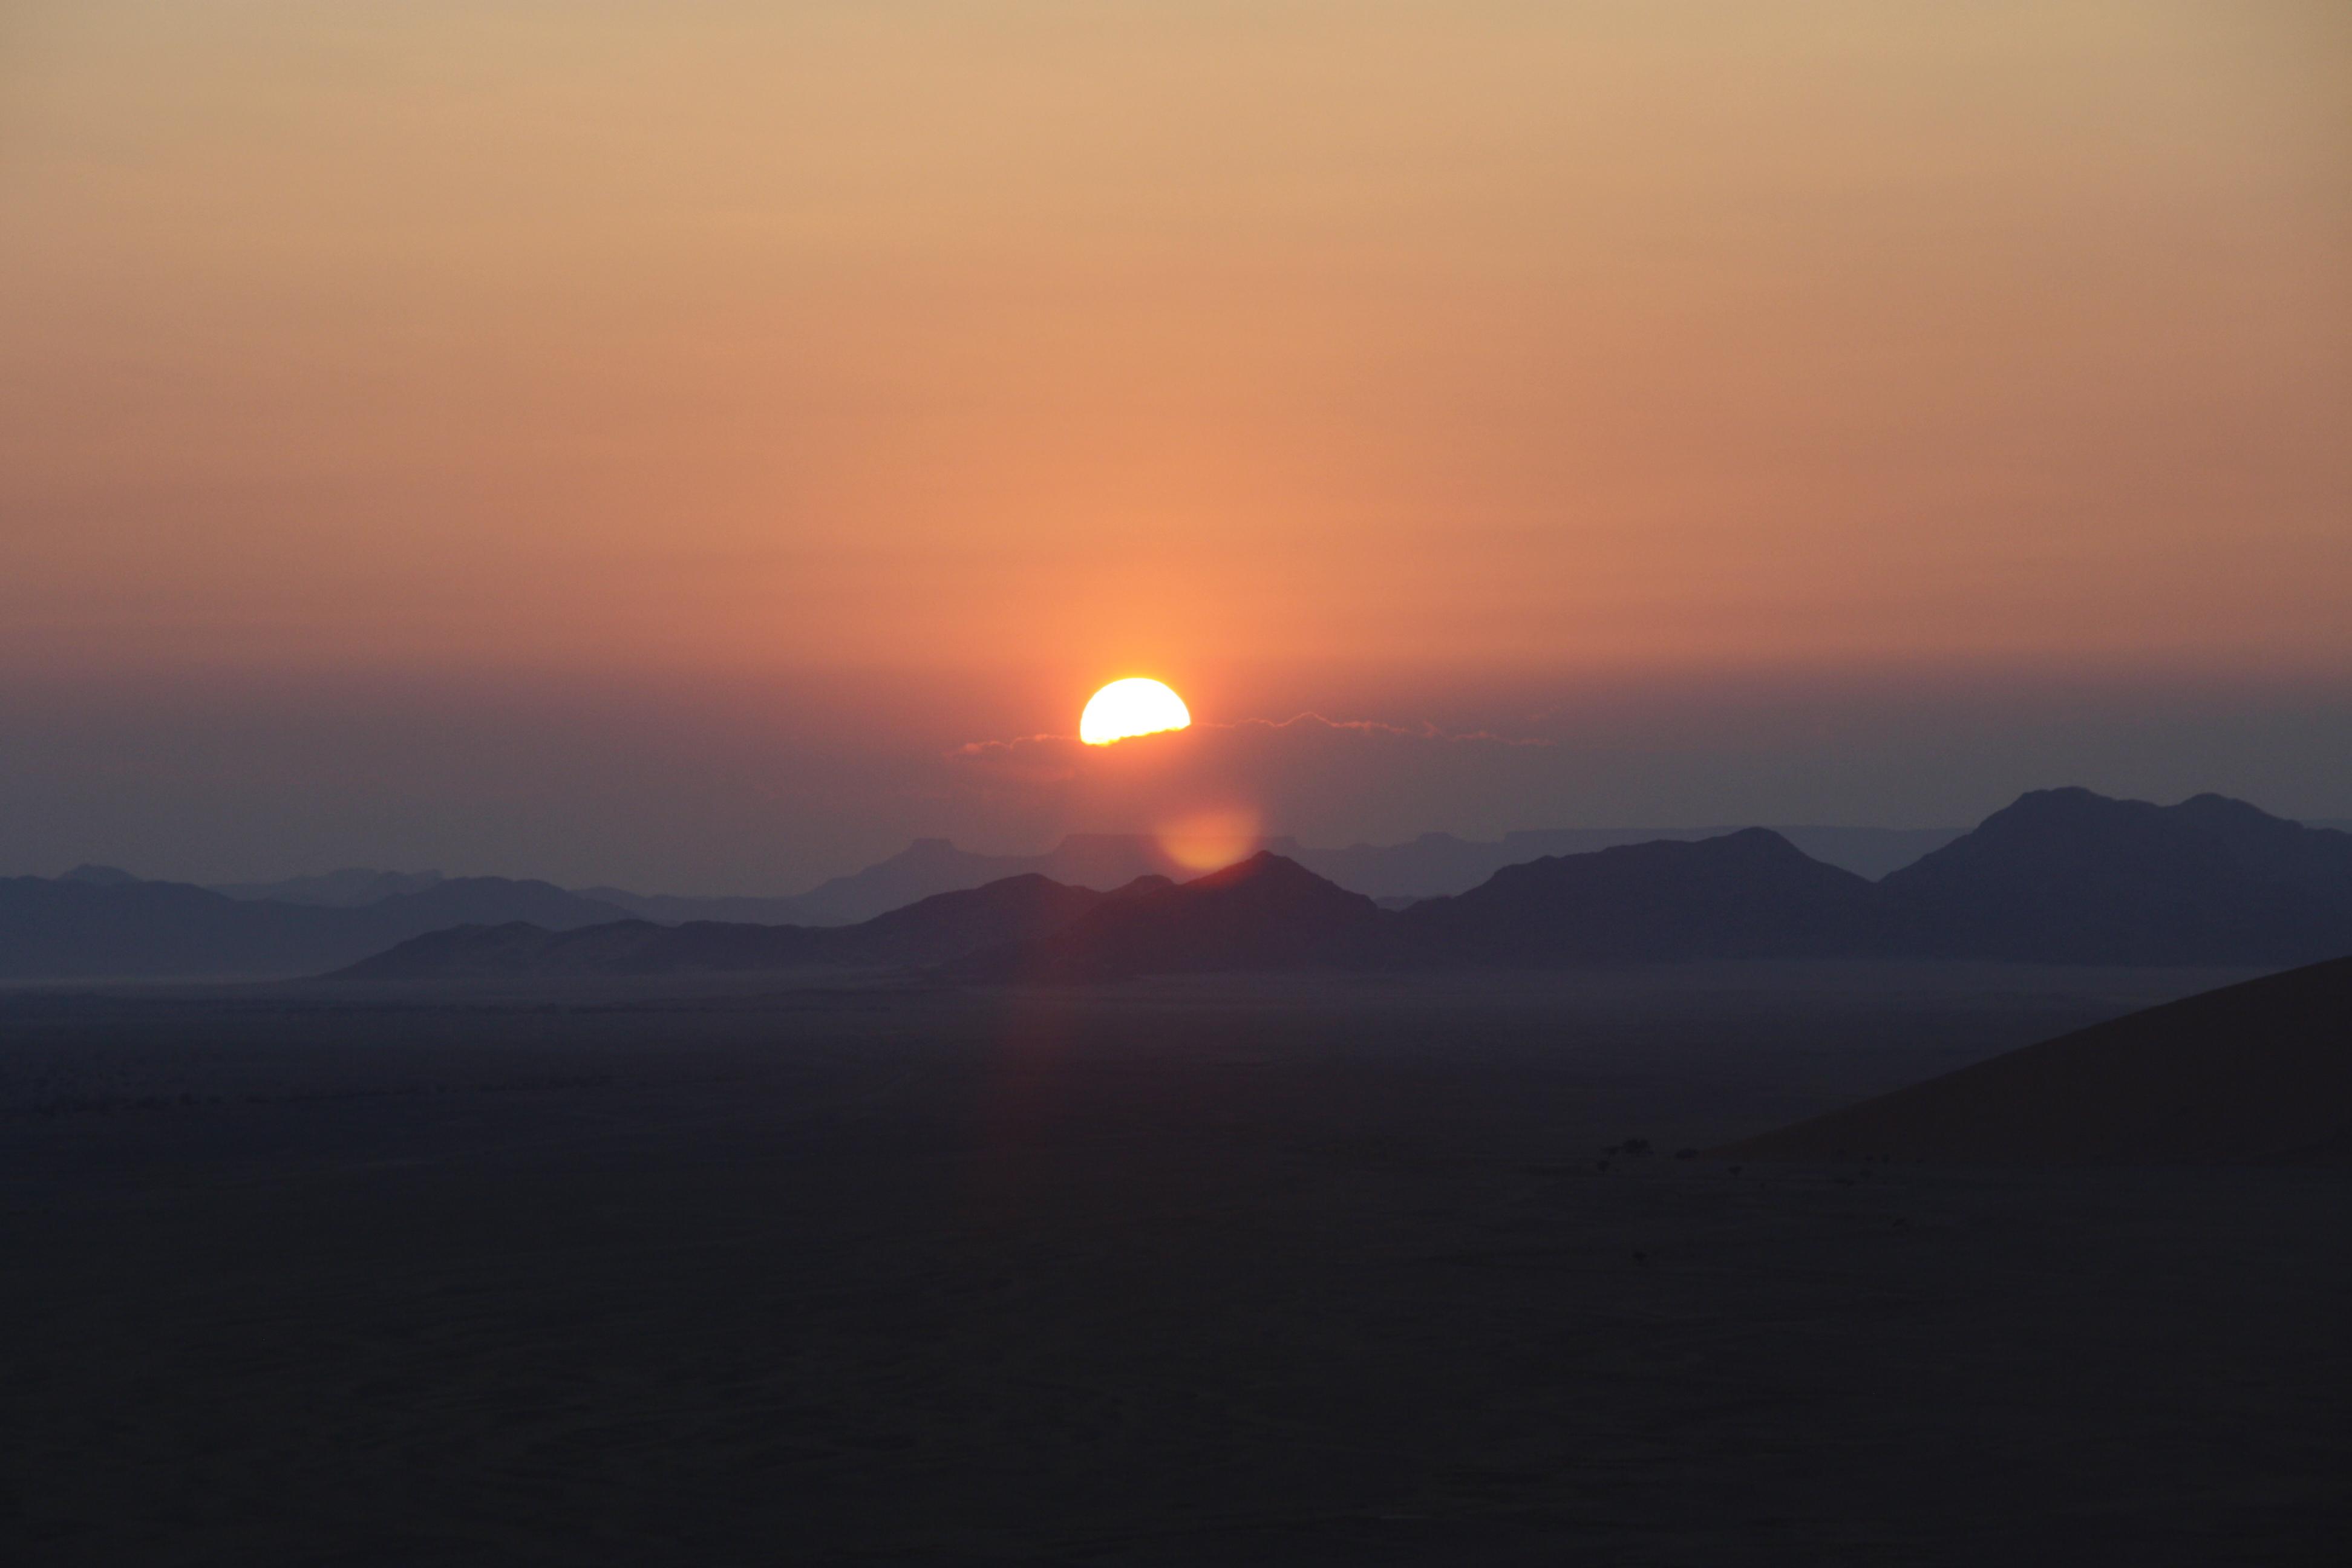 Sonnenaufgang Namib Namibia